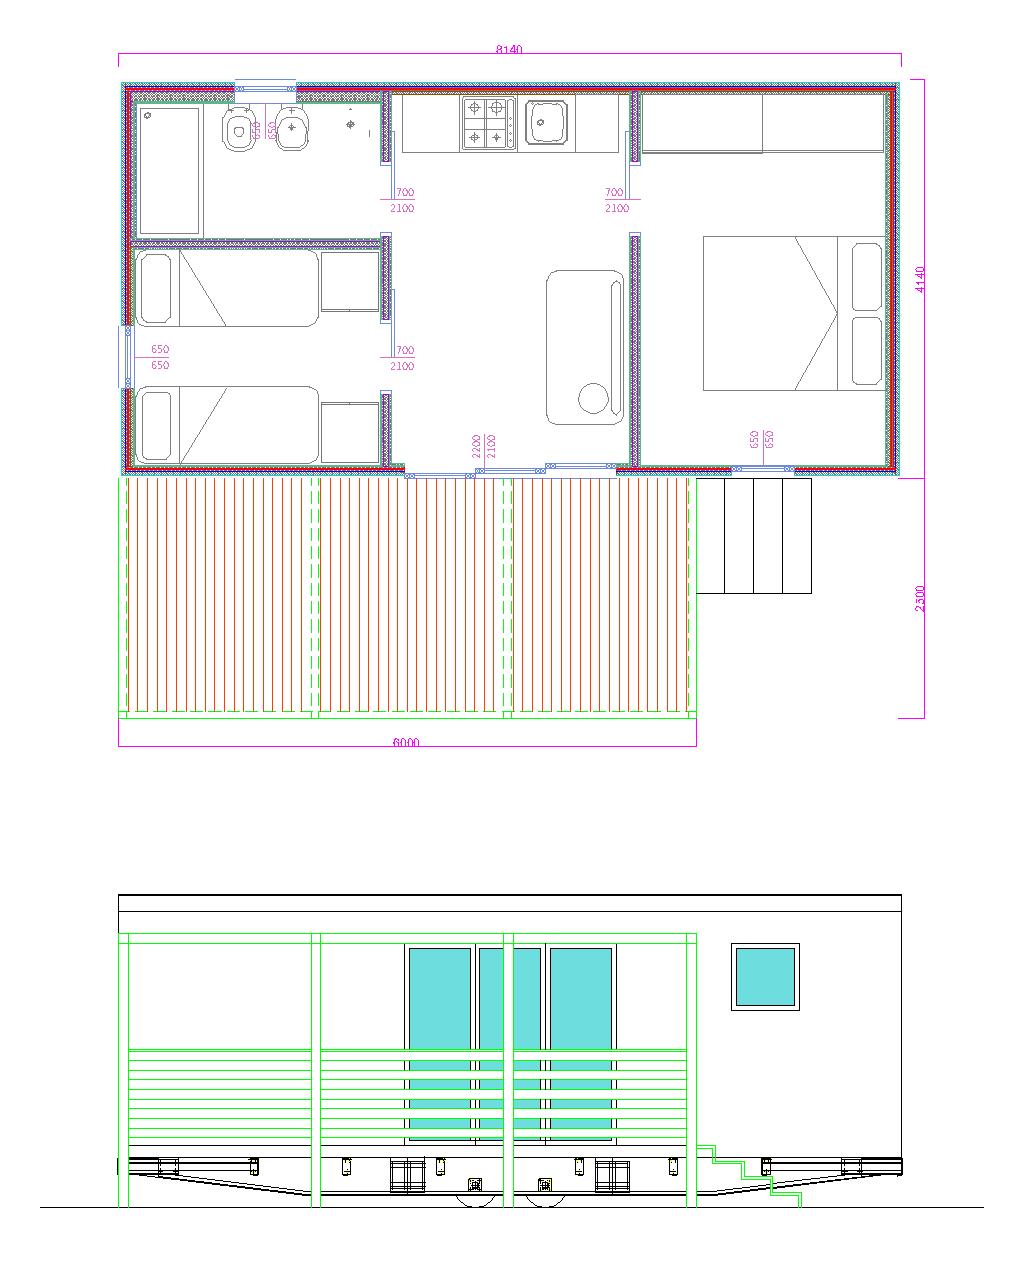 Costo cantina al mq awesome the green house costo - Prezzo impianto elettrico casa ...